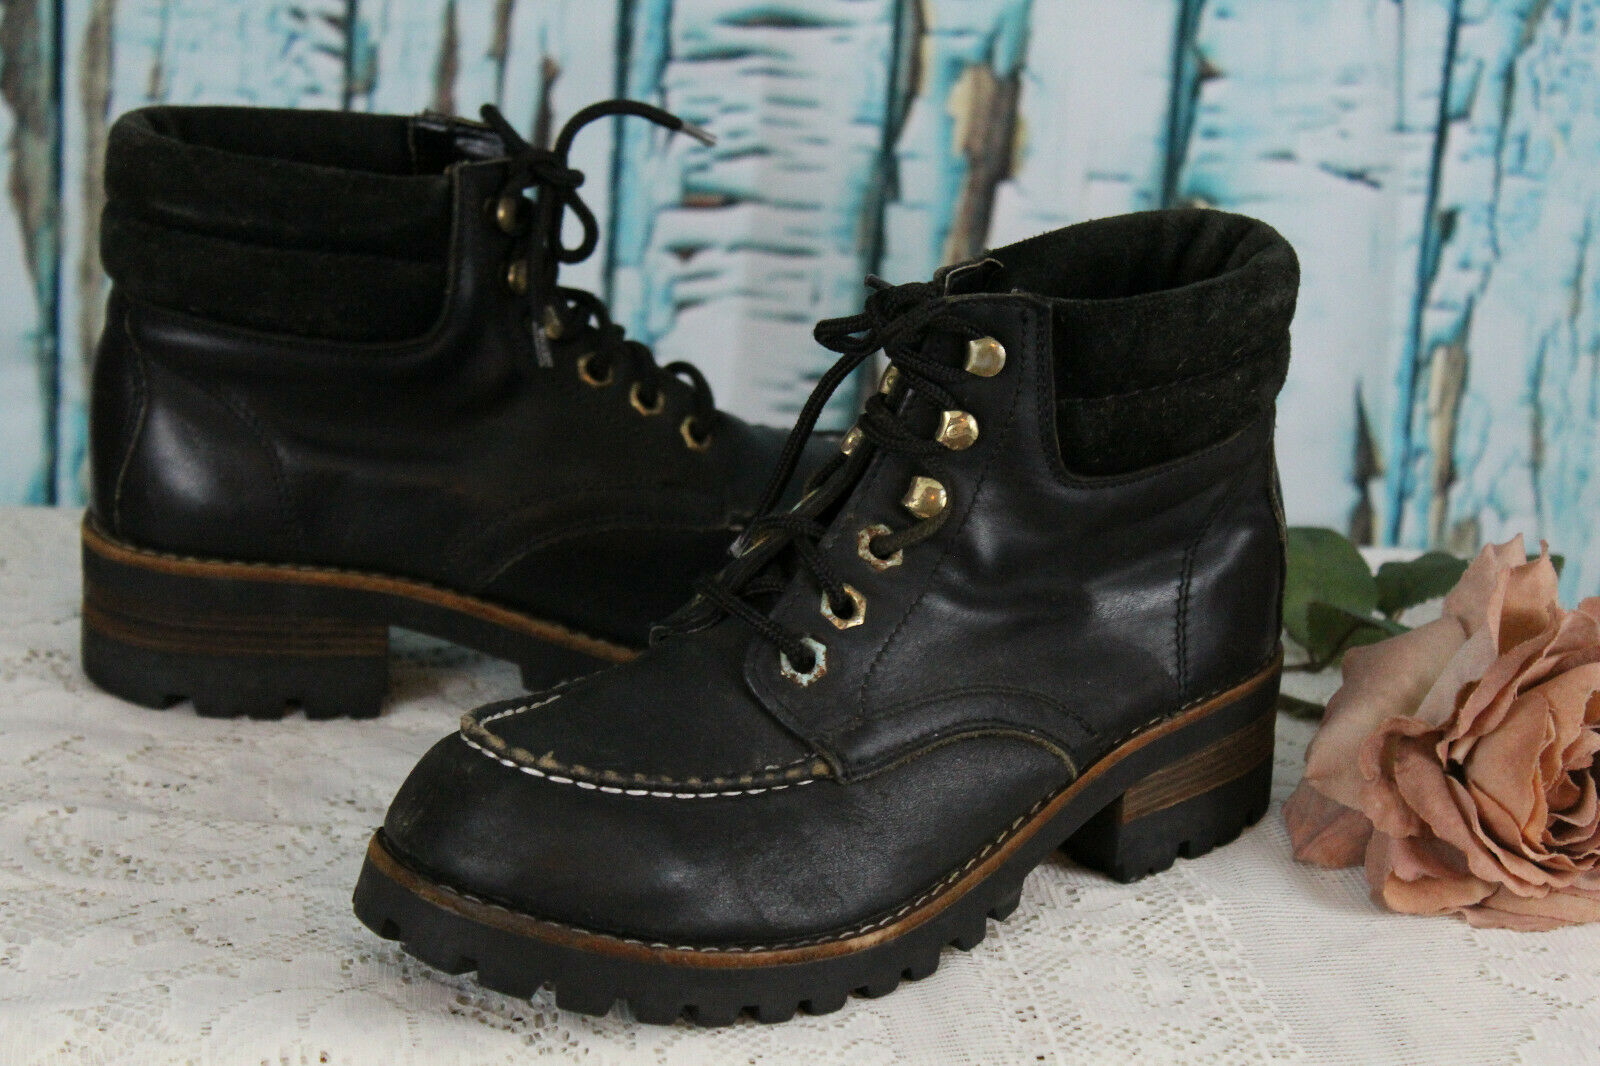 Buen escalador de de de Cuero Negro botas De Polo  8  tienda de bajo costo